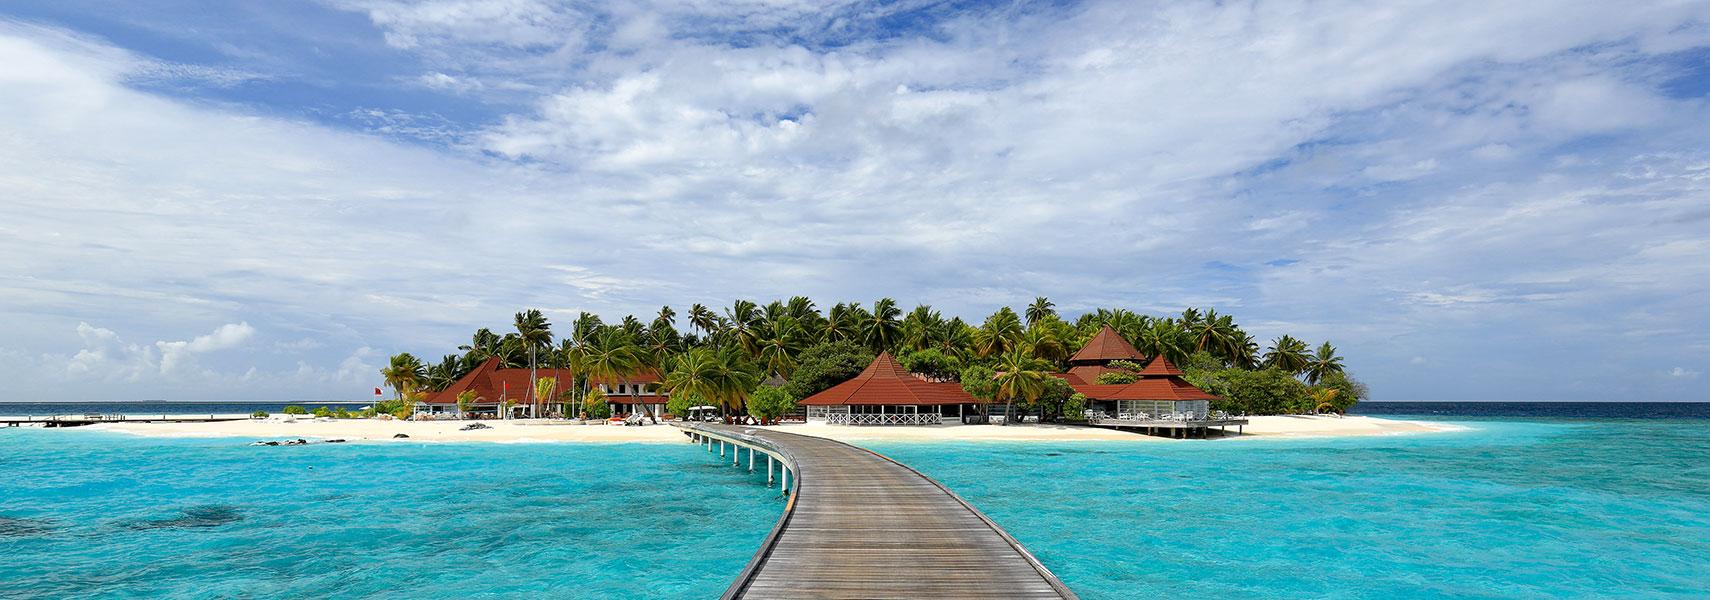 اجمل شاطئ في العالم 11